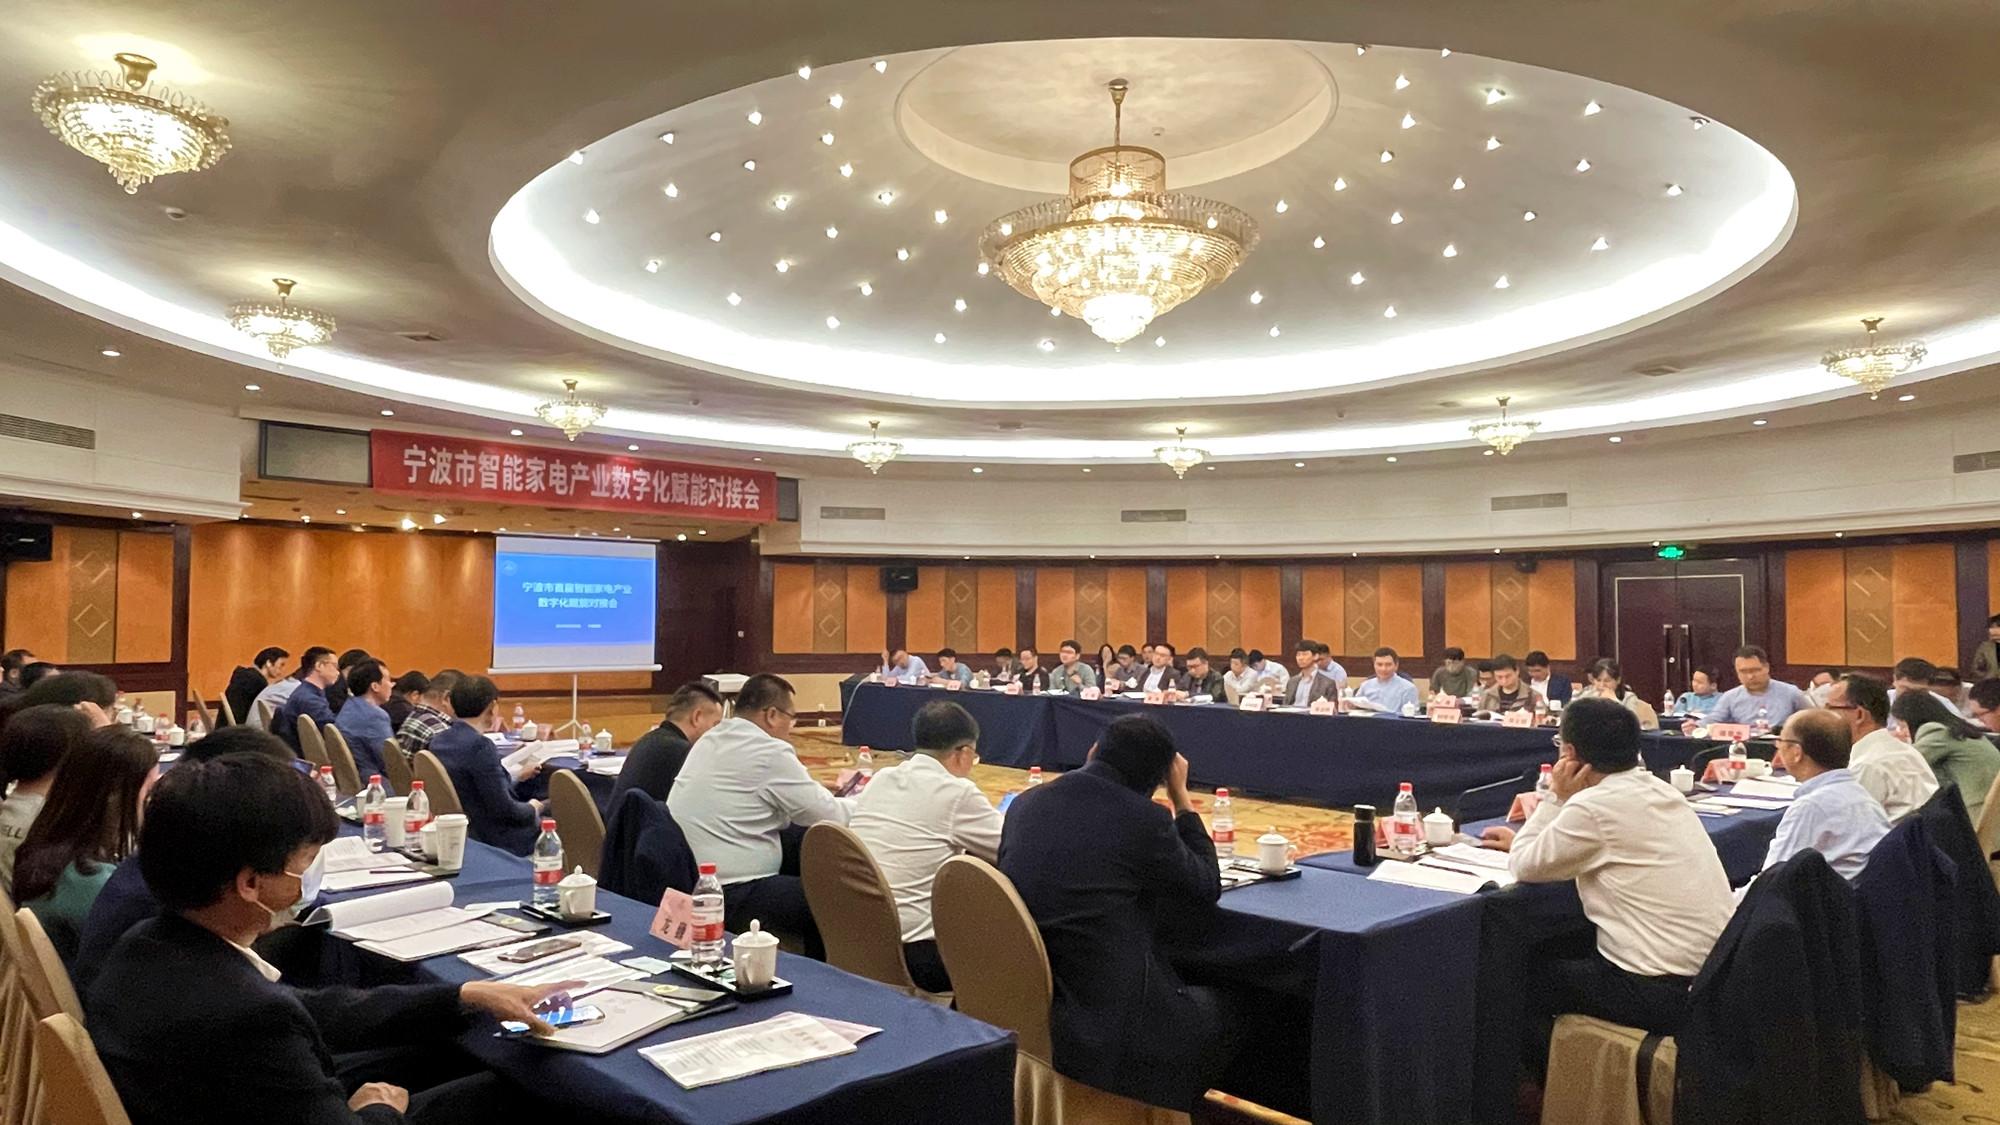 市家电协会成功举办宁波首届智能家电产业数字化赋能对接会